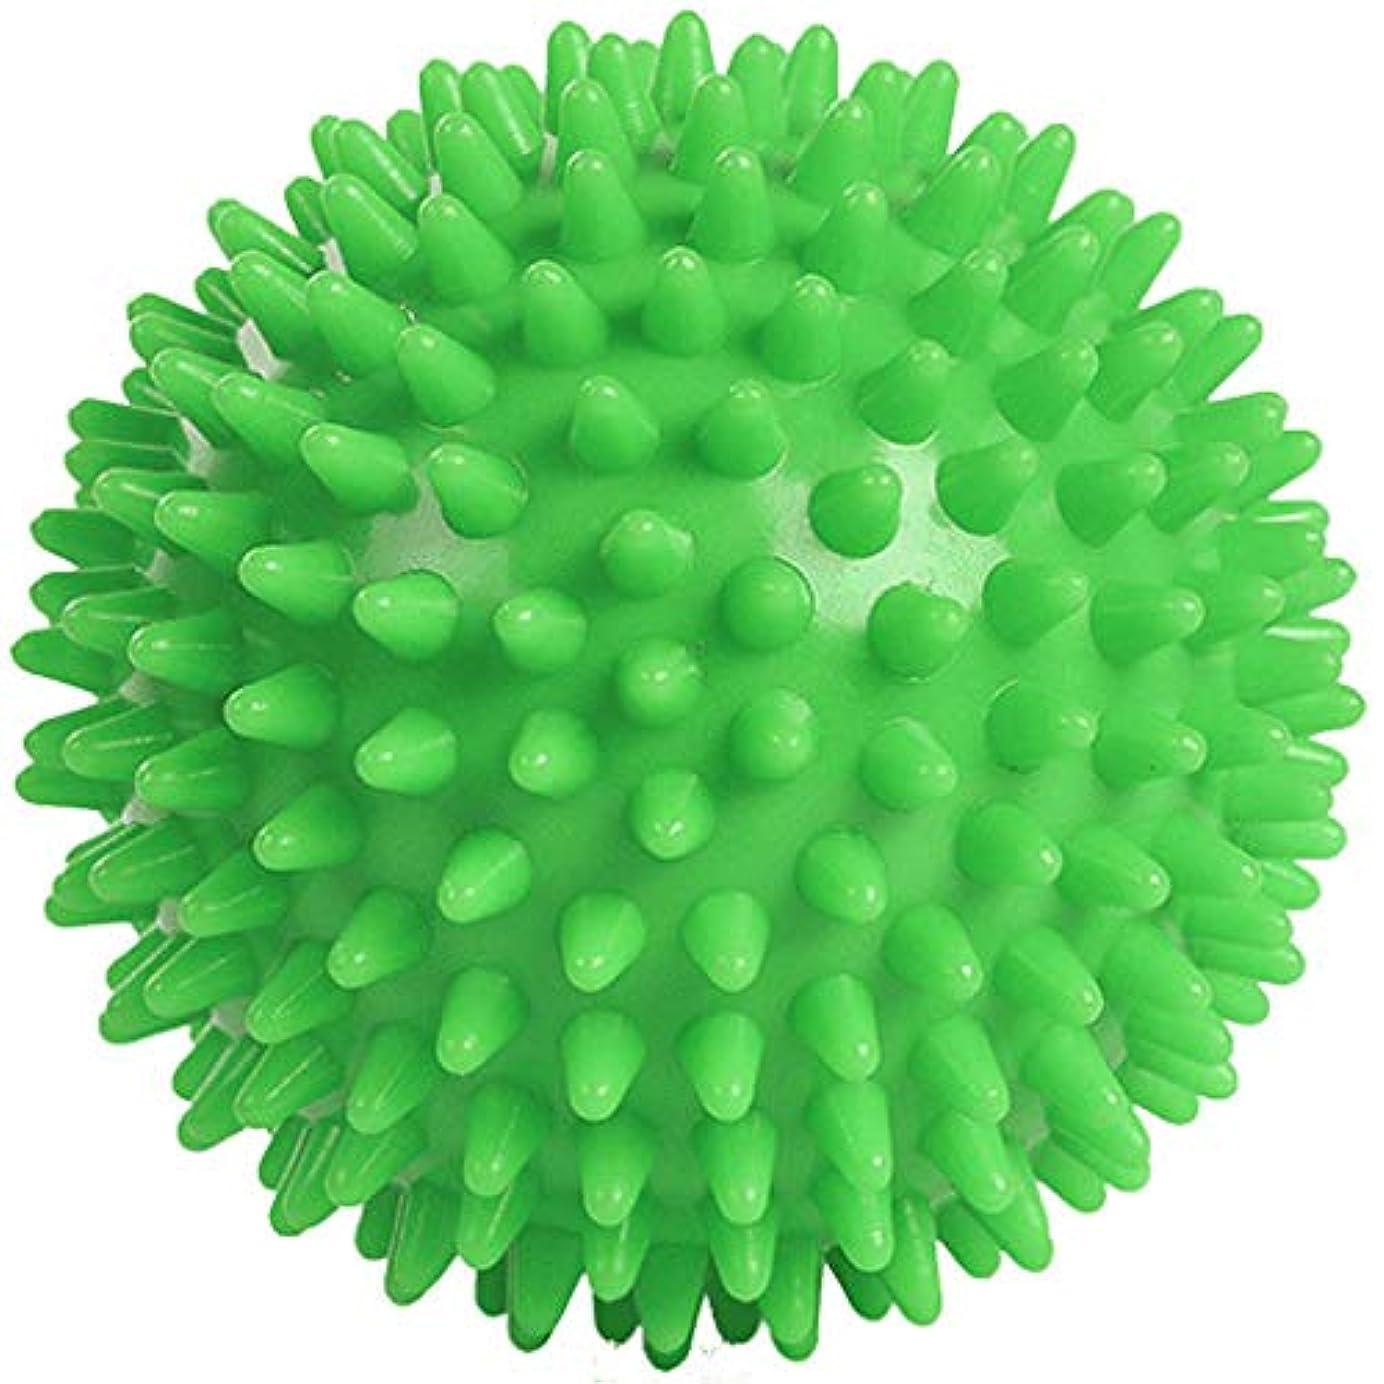 ランドマーク巨大ボーカルArichops リフレックスボール 触覚ボール 足裏手 背中のマッサージボール リハビリ マッサージ用 血液循環促進 筋肉緊張 圧迫で解きほぐす